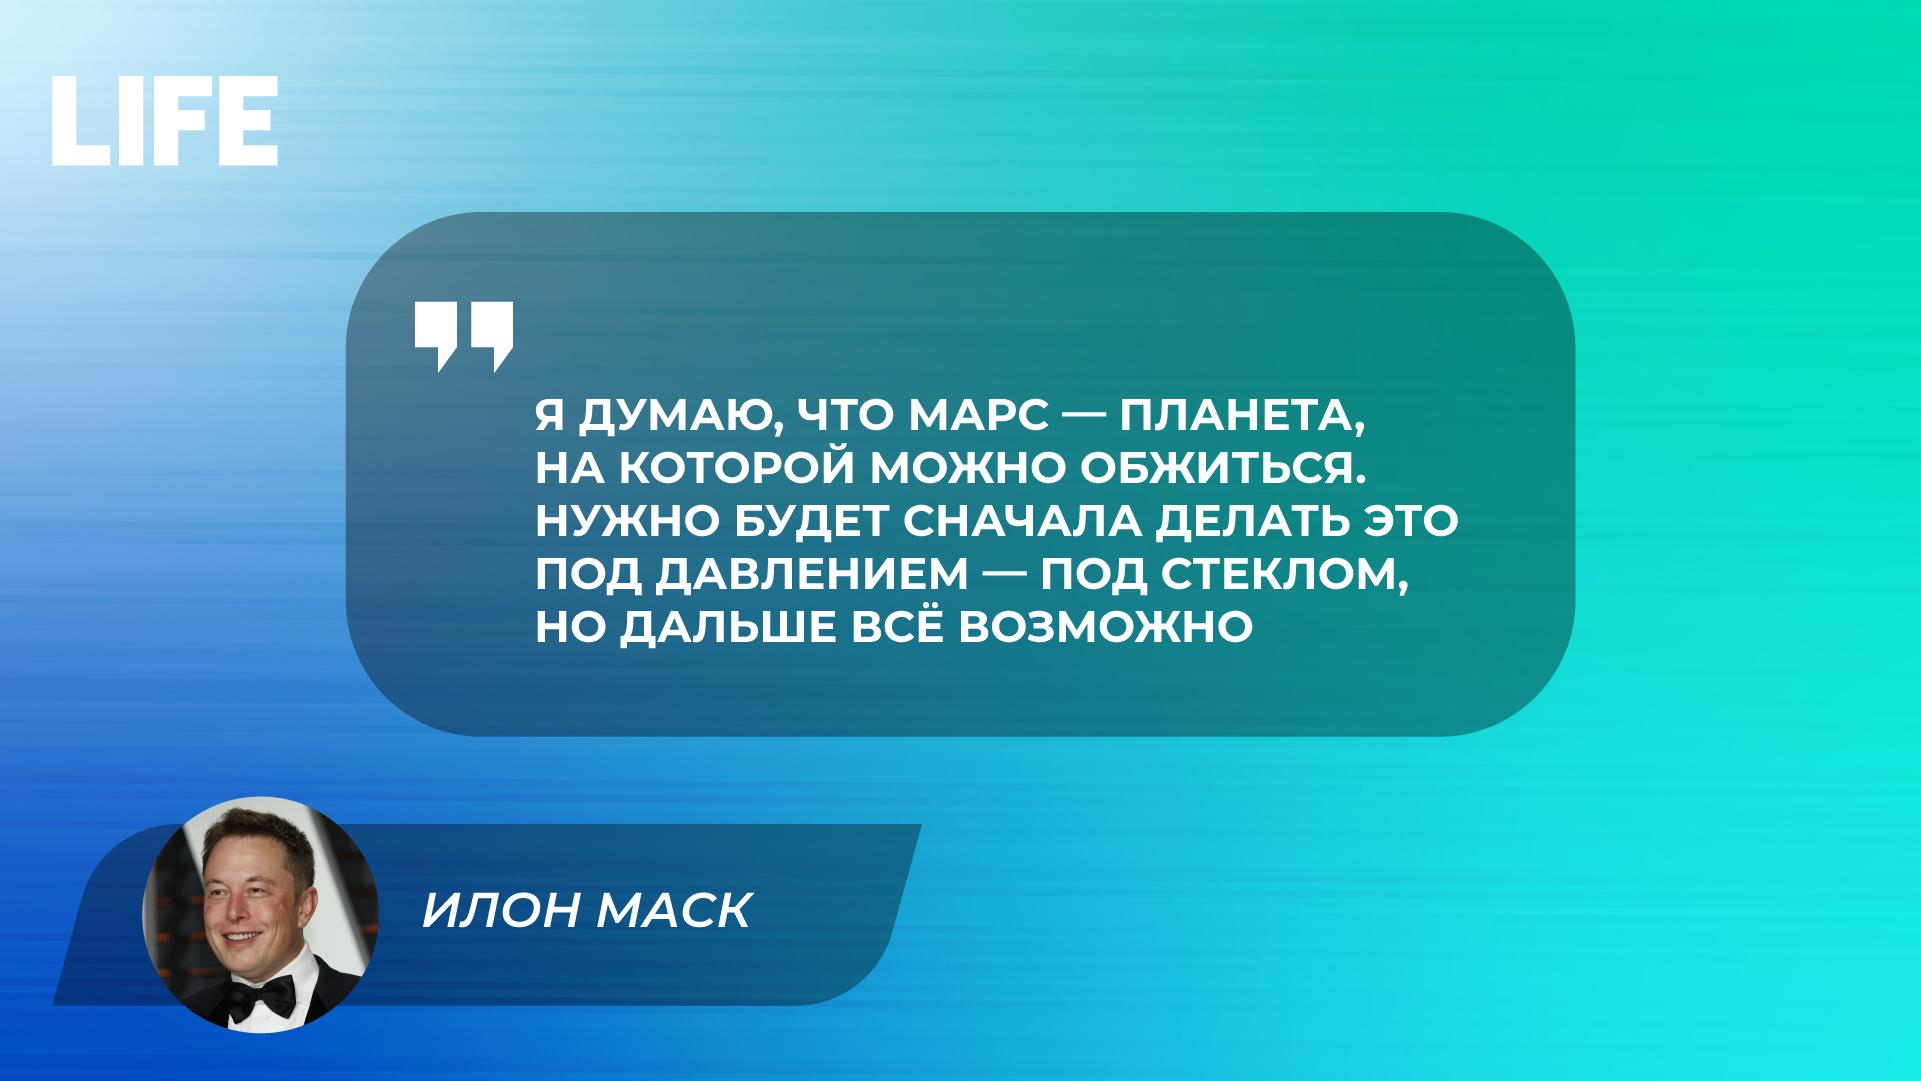 Илон Маск — об освоении Марса Инфографика © LIFE